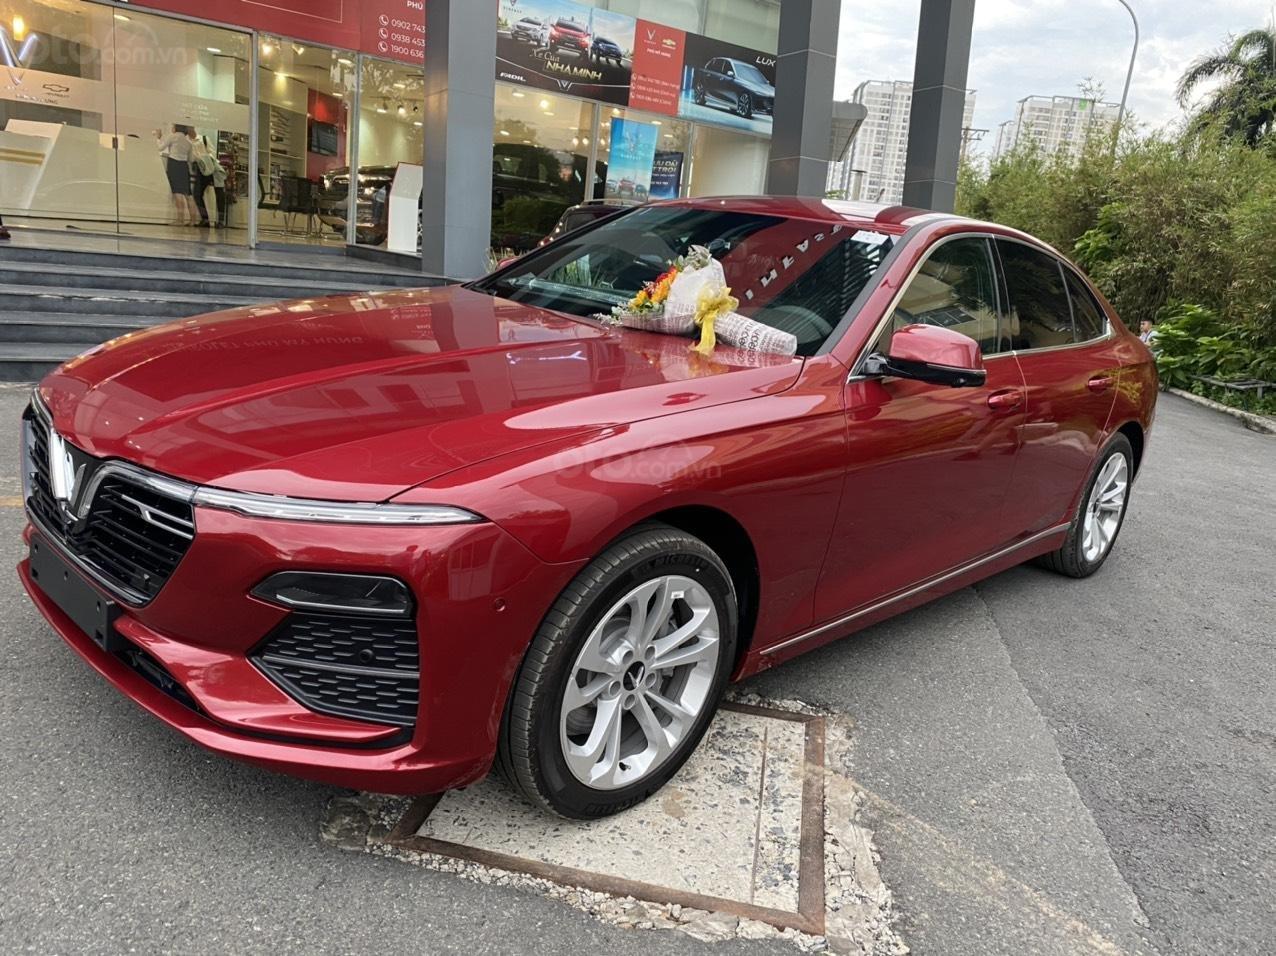 Vinfast Lux A xe 2020 - vay 80% giá xe - vay 2 năm không lãi suất - hỗ trợ chứng minh thu nhập (2)